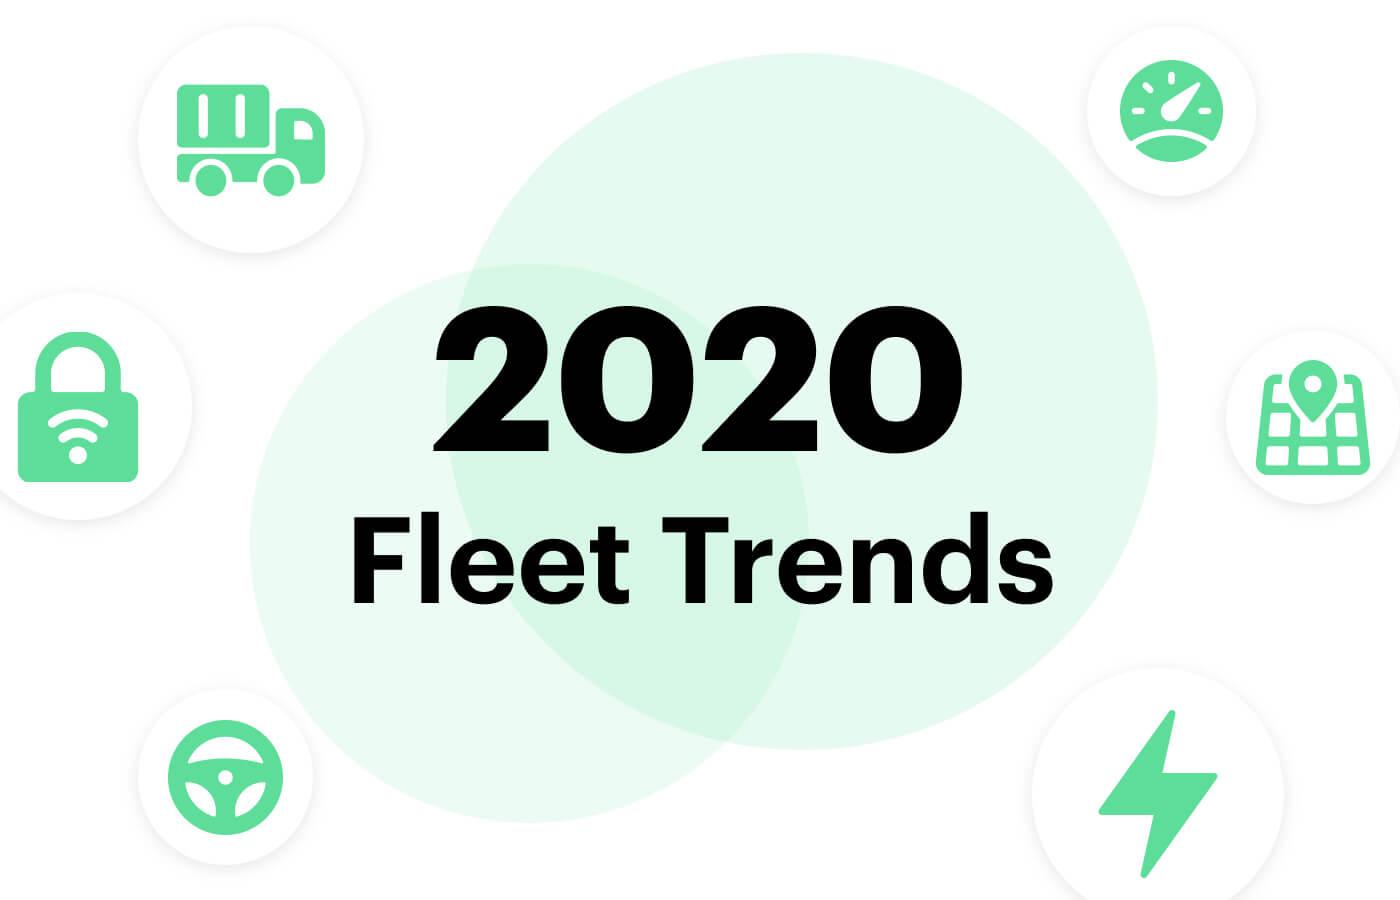 Fleet trends 2020